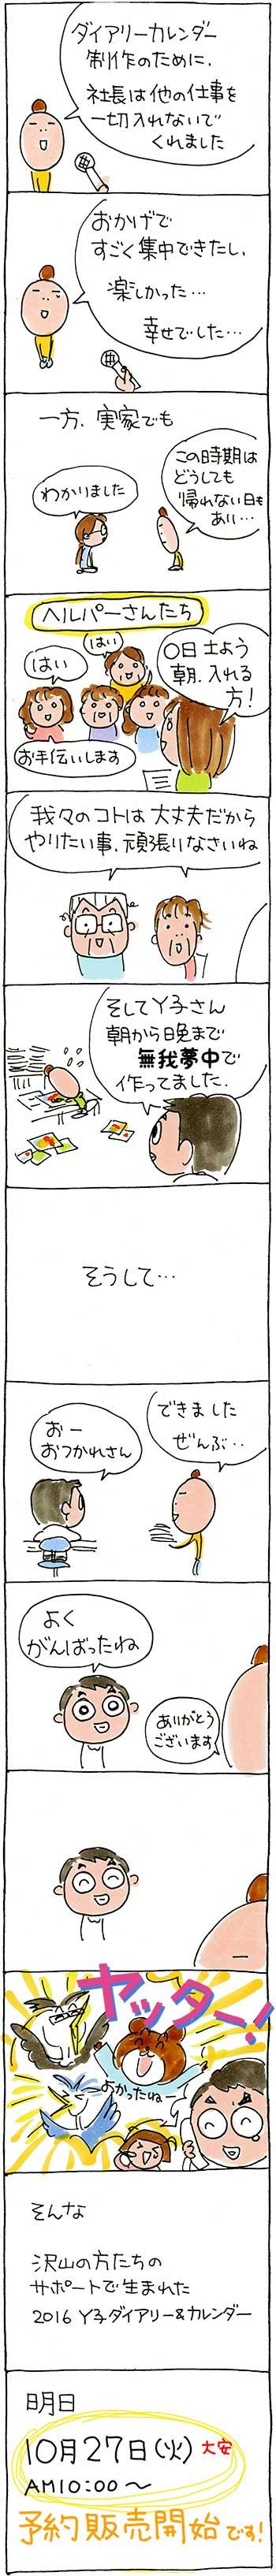 151026_02.jpg